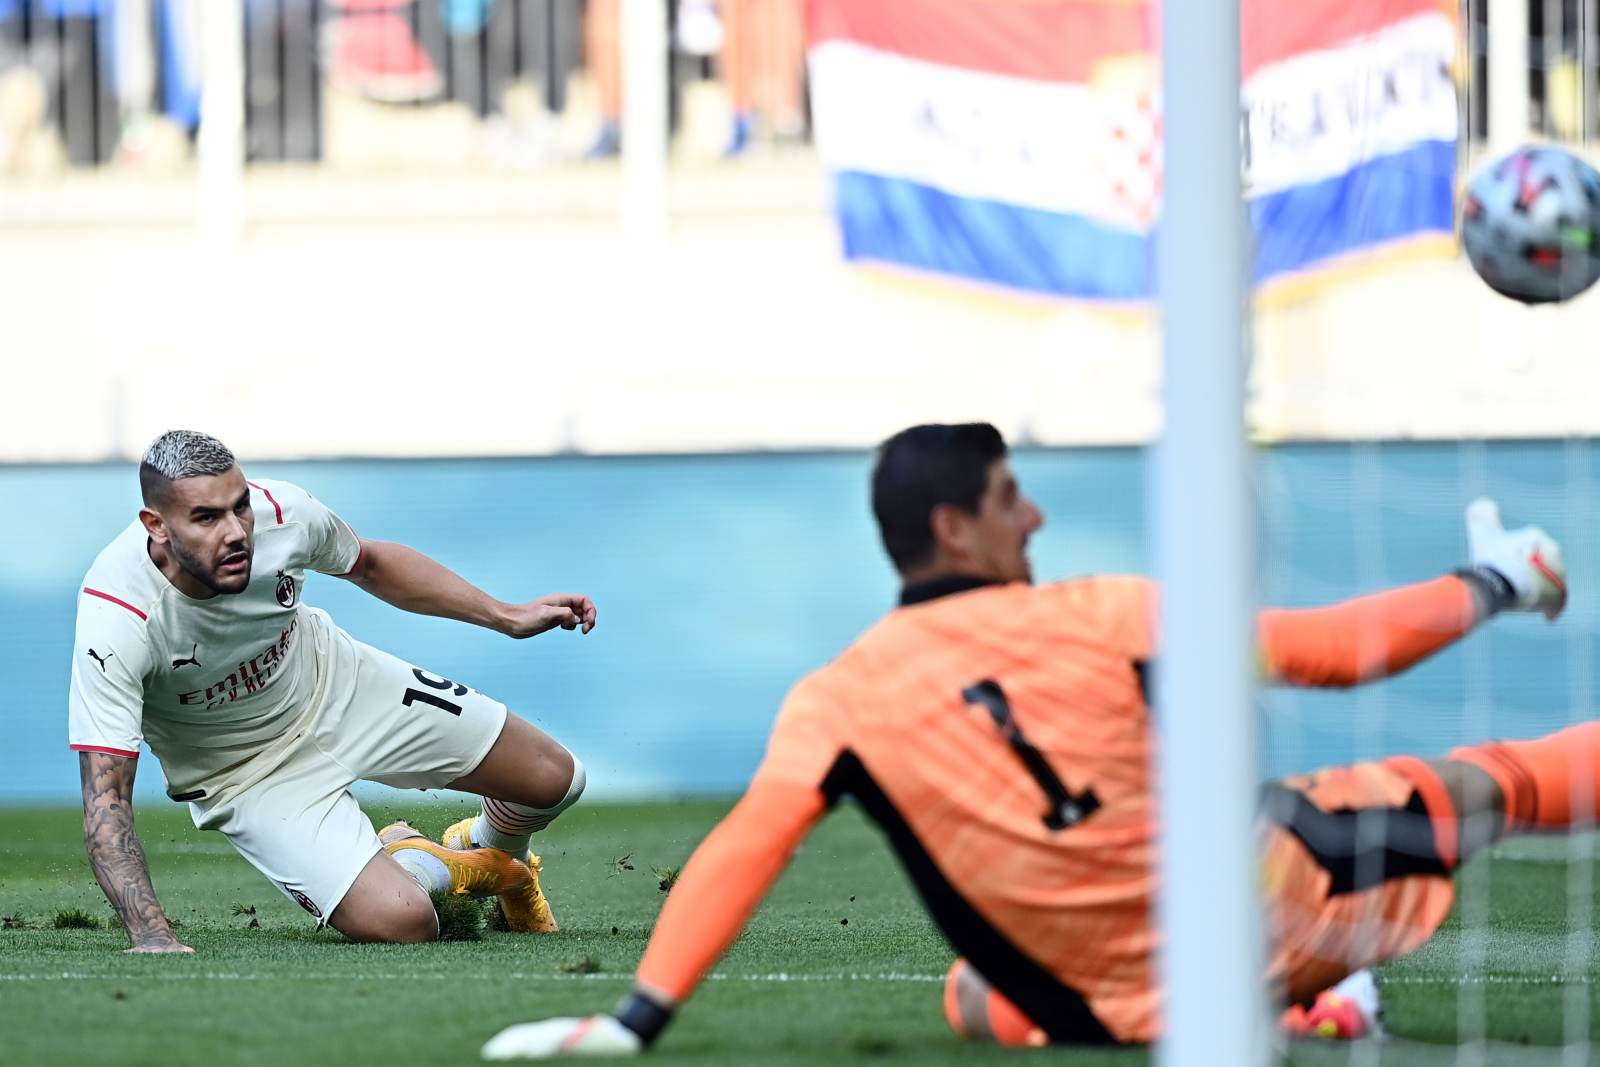 Тео Эрнандес прокомментировал камбэк в матче с Бельгией